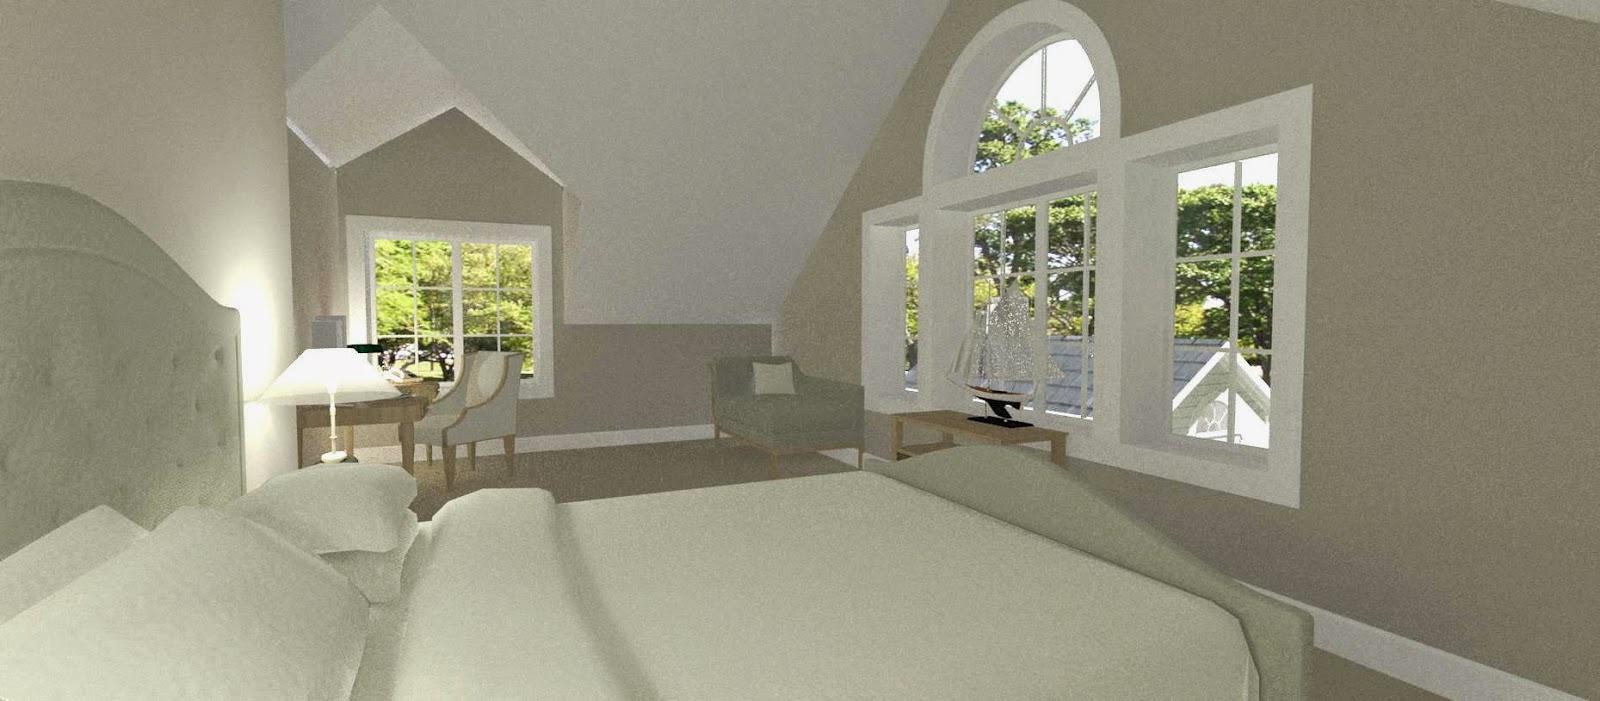 Dreams& Coffees arkitekt och projektblogg 1,5 plans New Englandhus